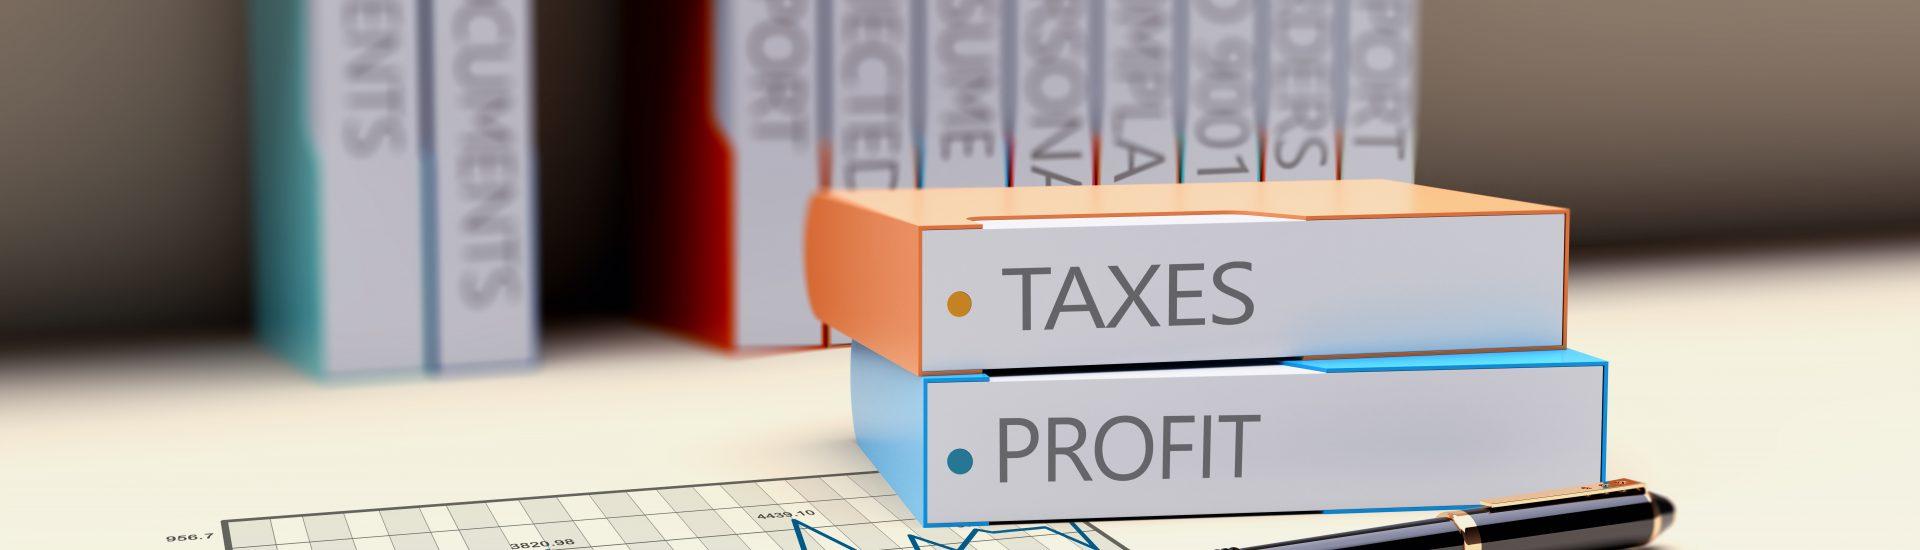 Visos Mokesčių Ataskaitos laiku